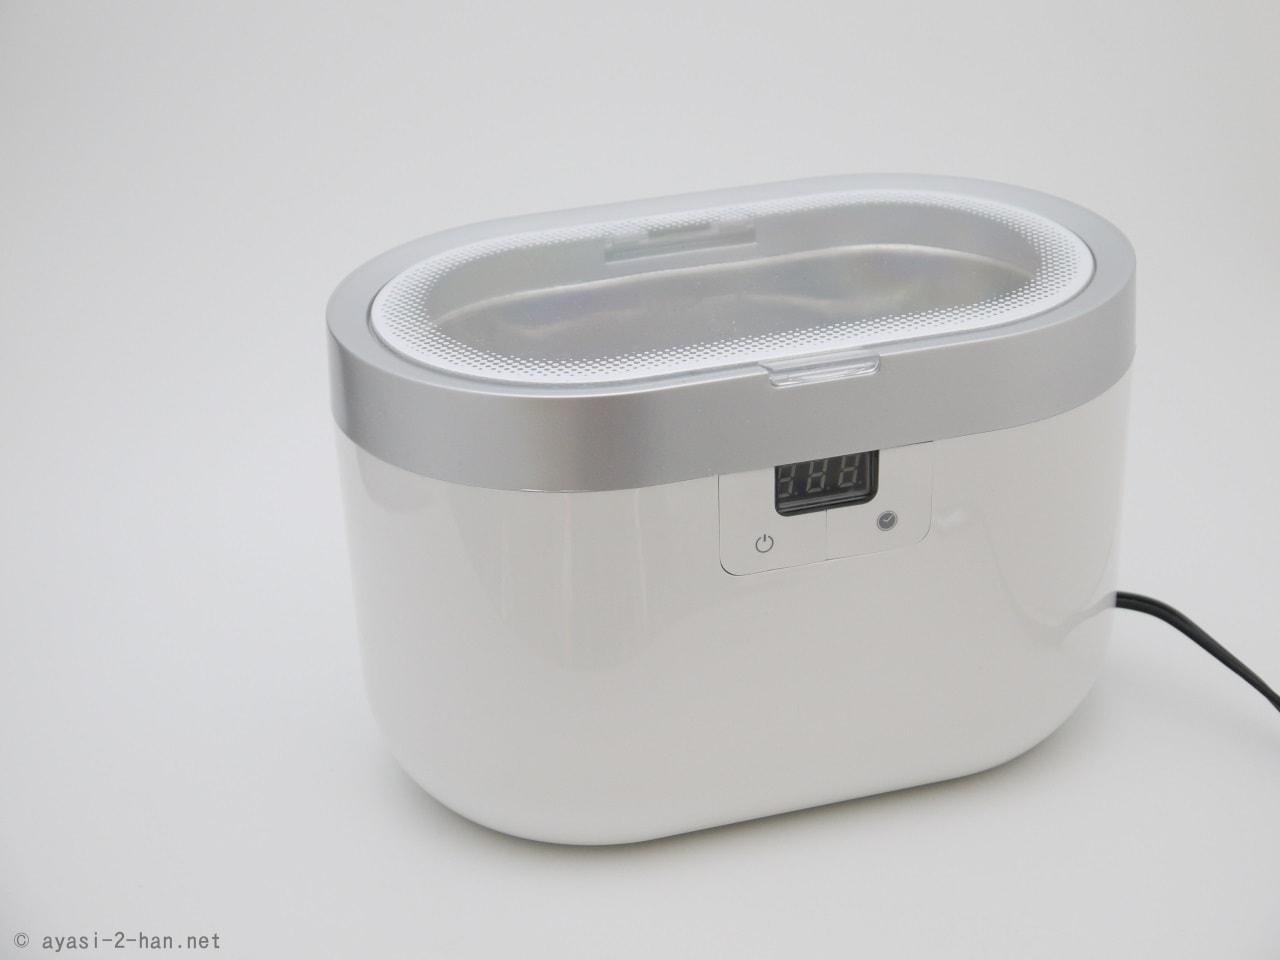 メガネとかシェーバーの刃が水だけでキレイになる。超音波洗浄機がけっこうスゴい。